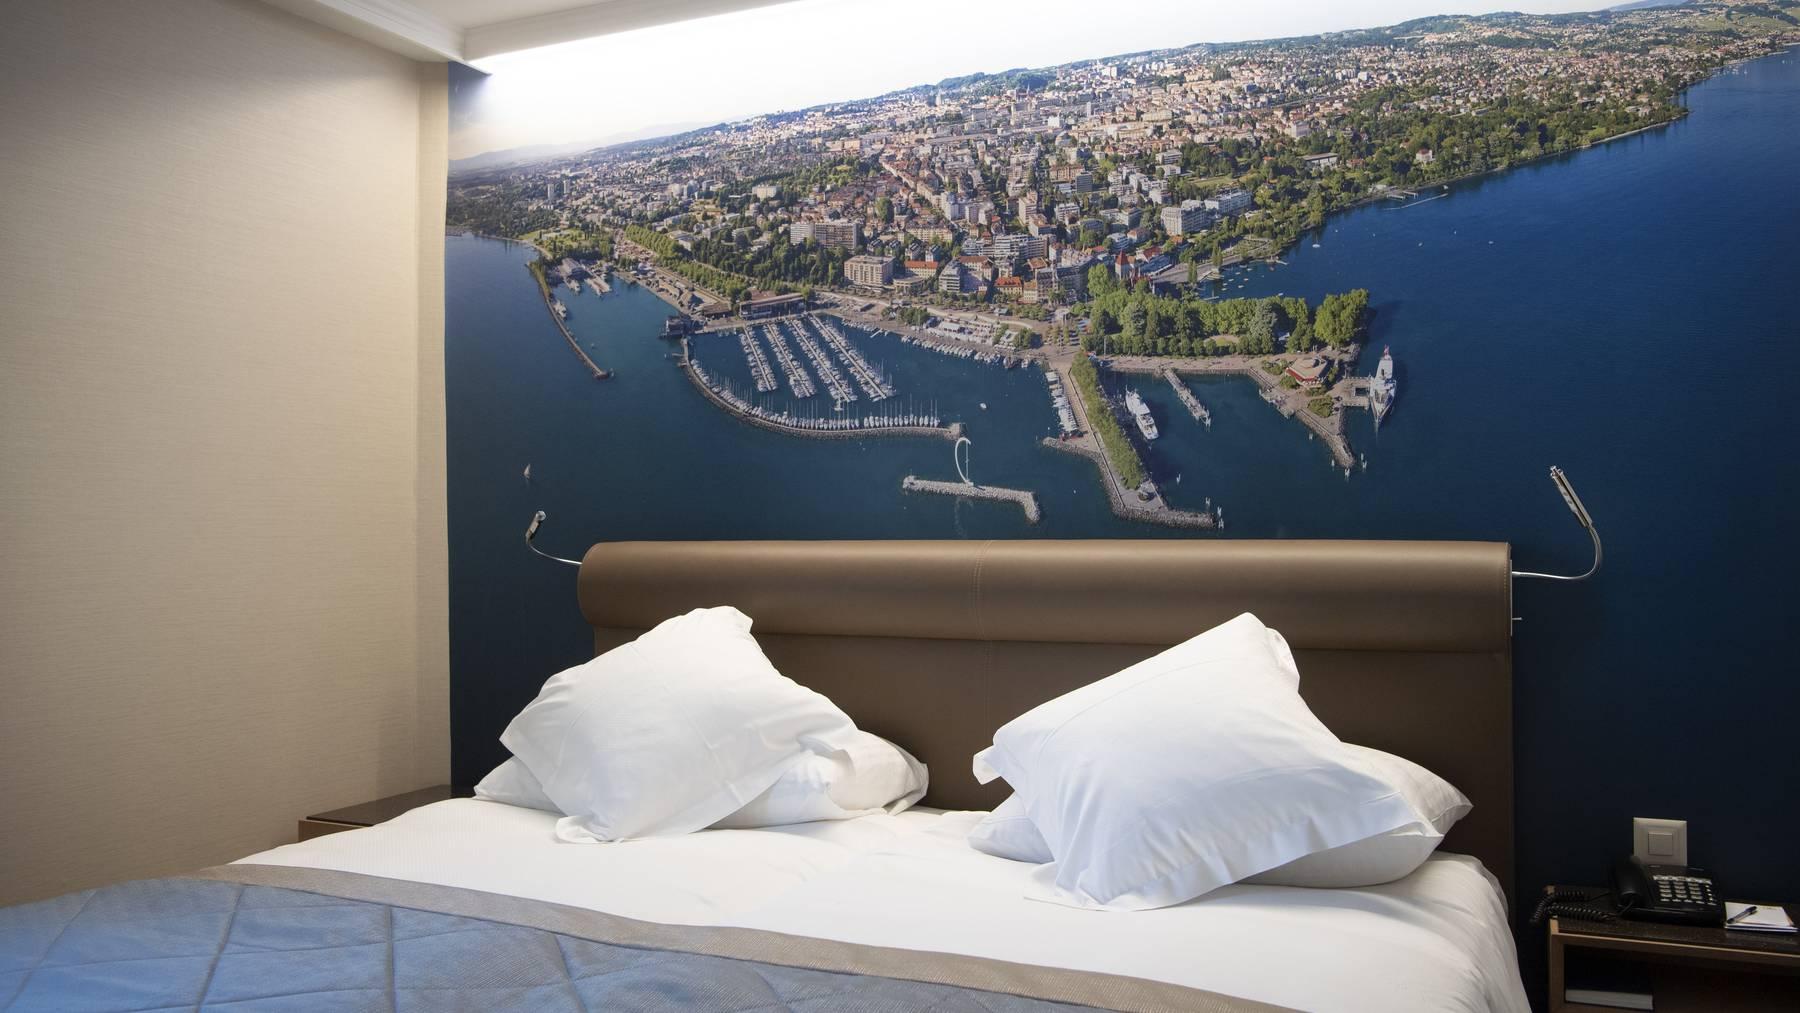 Der Waadtländer Kantonshauptort Lausanne – hier aufgenommen als Bild in einem Hotelzimmer.